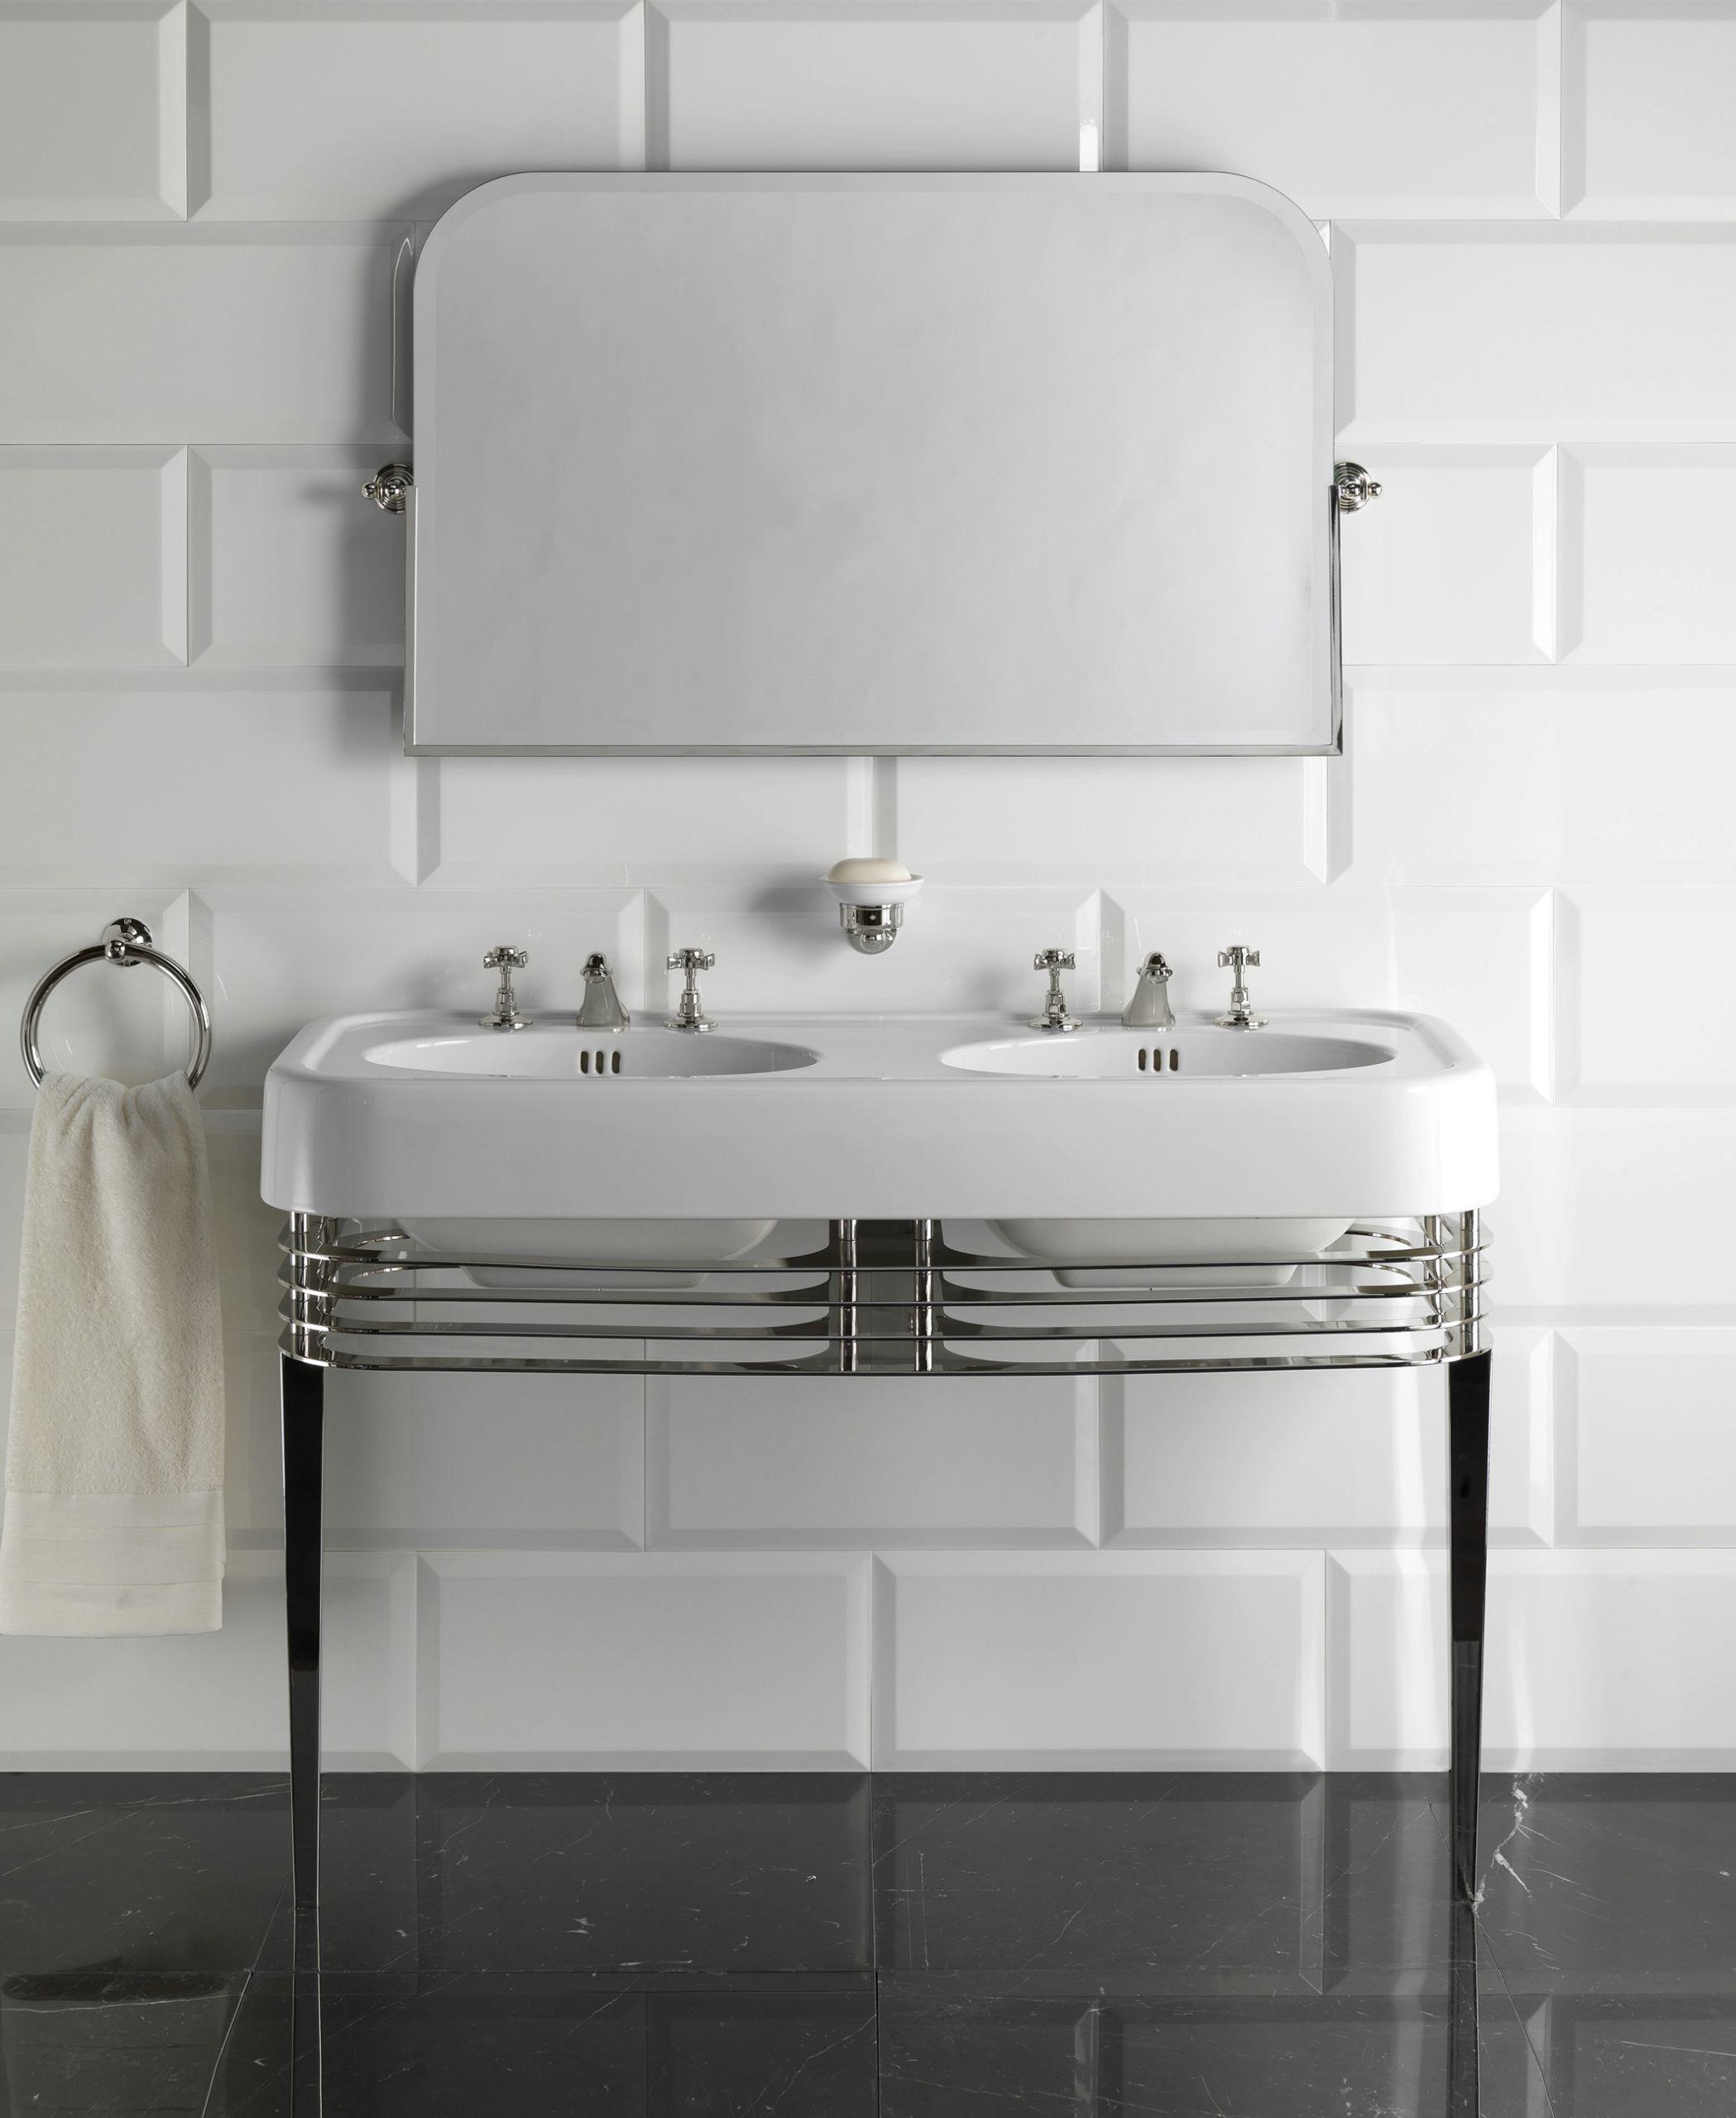 Double console sink WIDE BLUES By Devon&Devon | Single guys, Devon ...